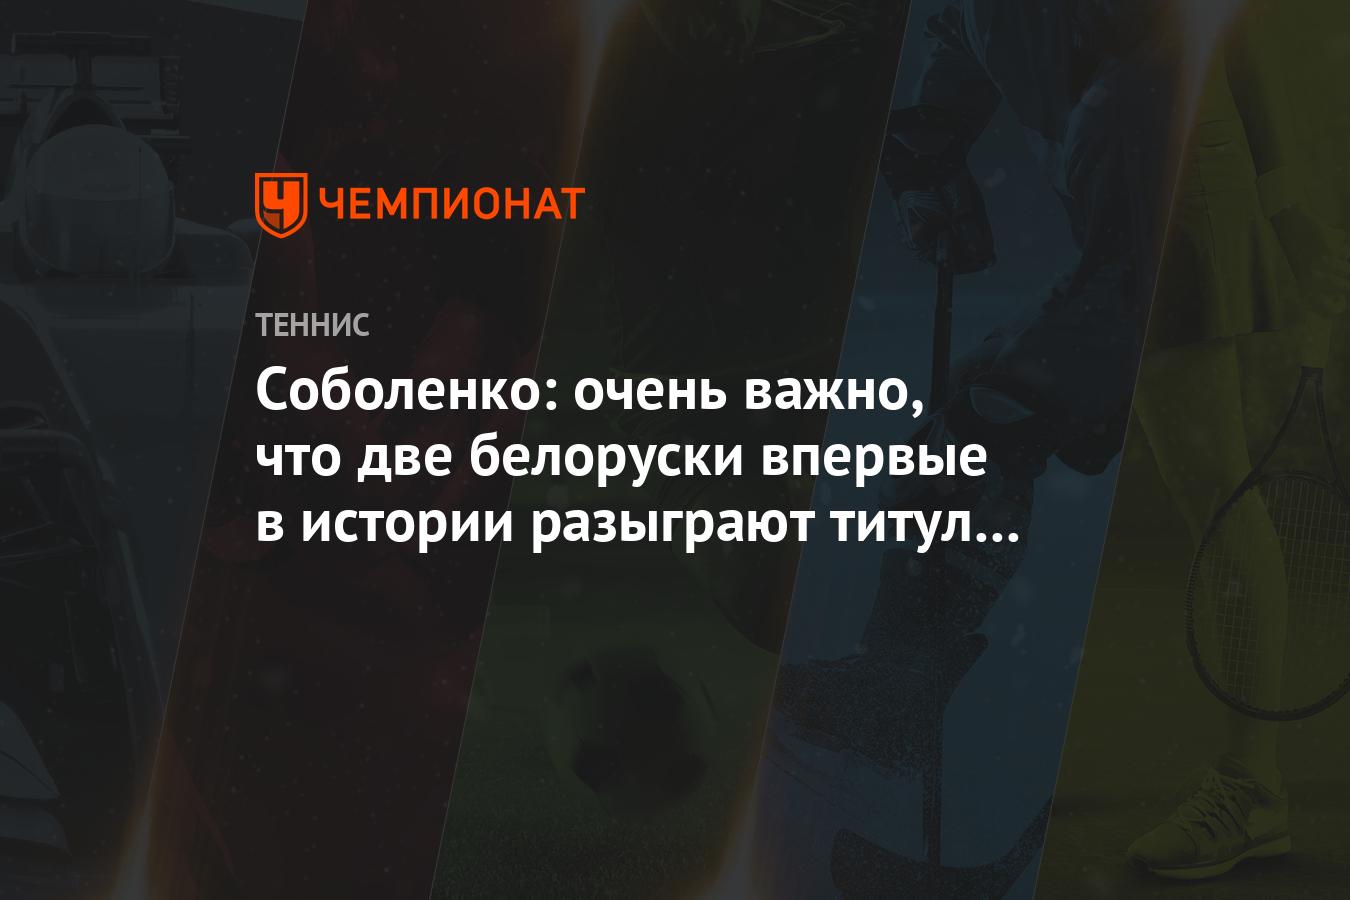 Соболенко: очень важно, что две белоруски впервые в истории разыграют титул WTA